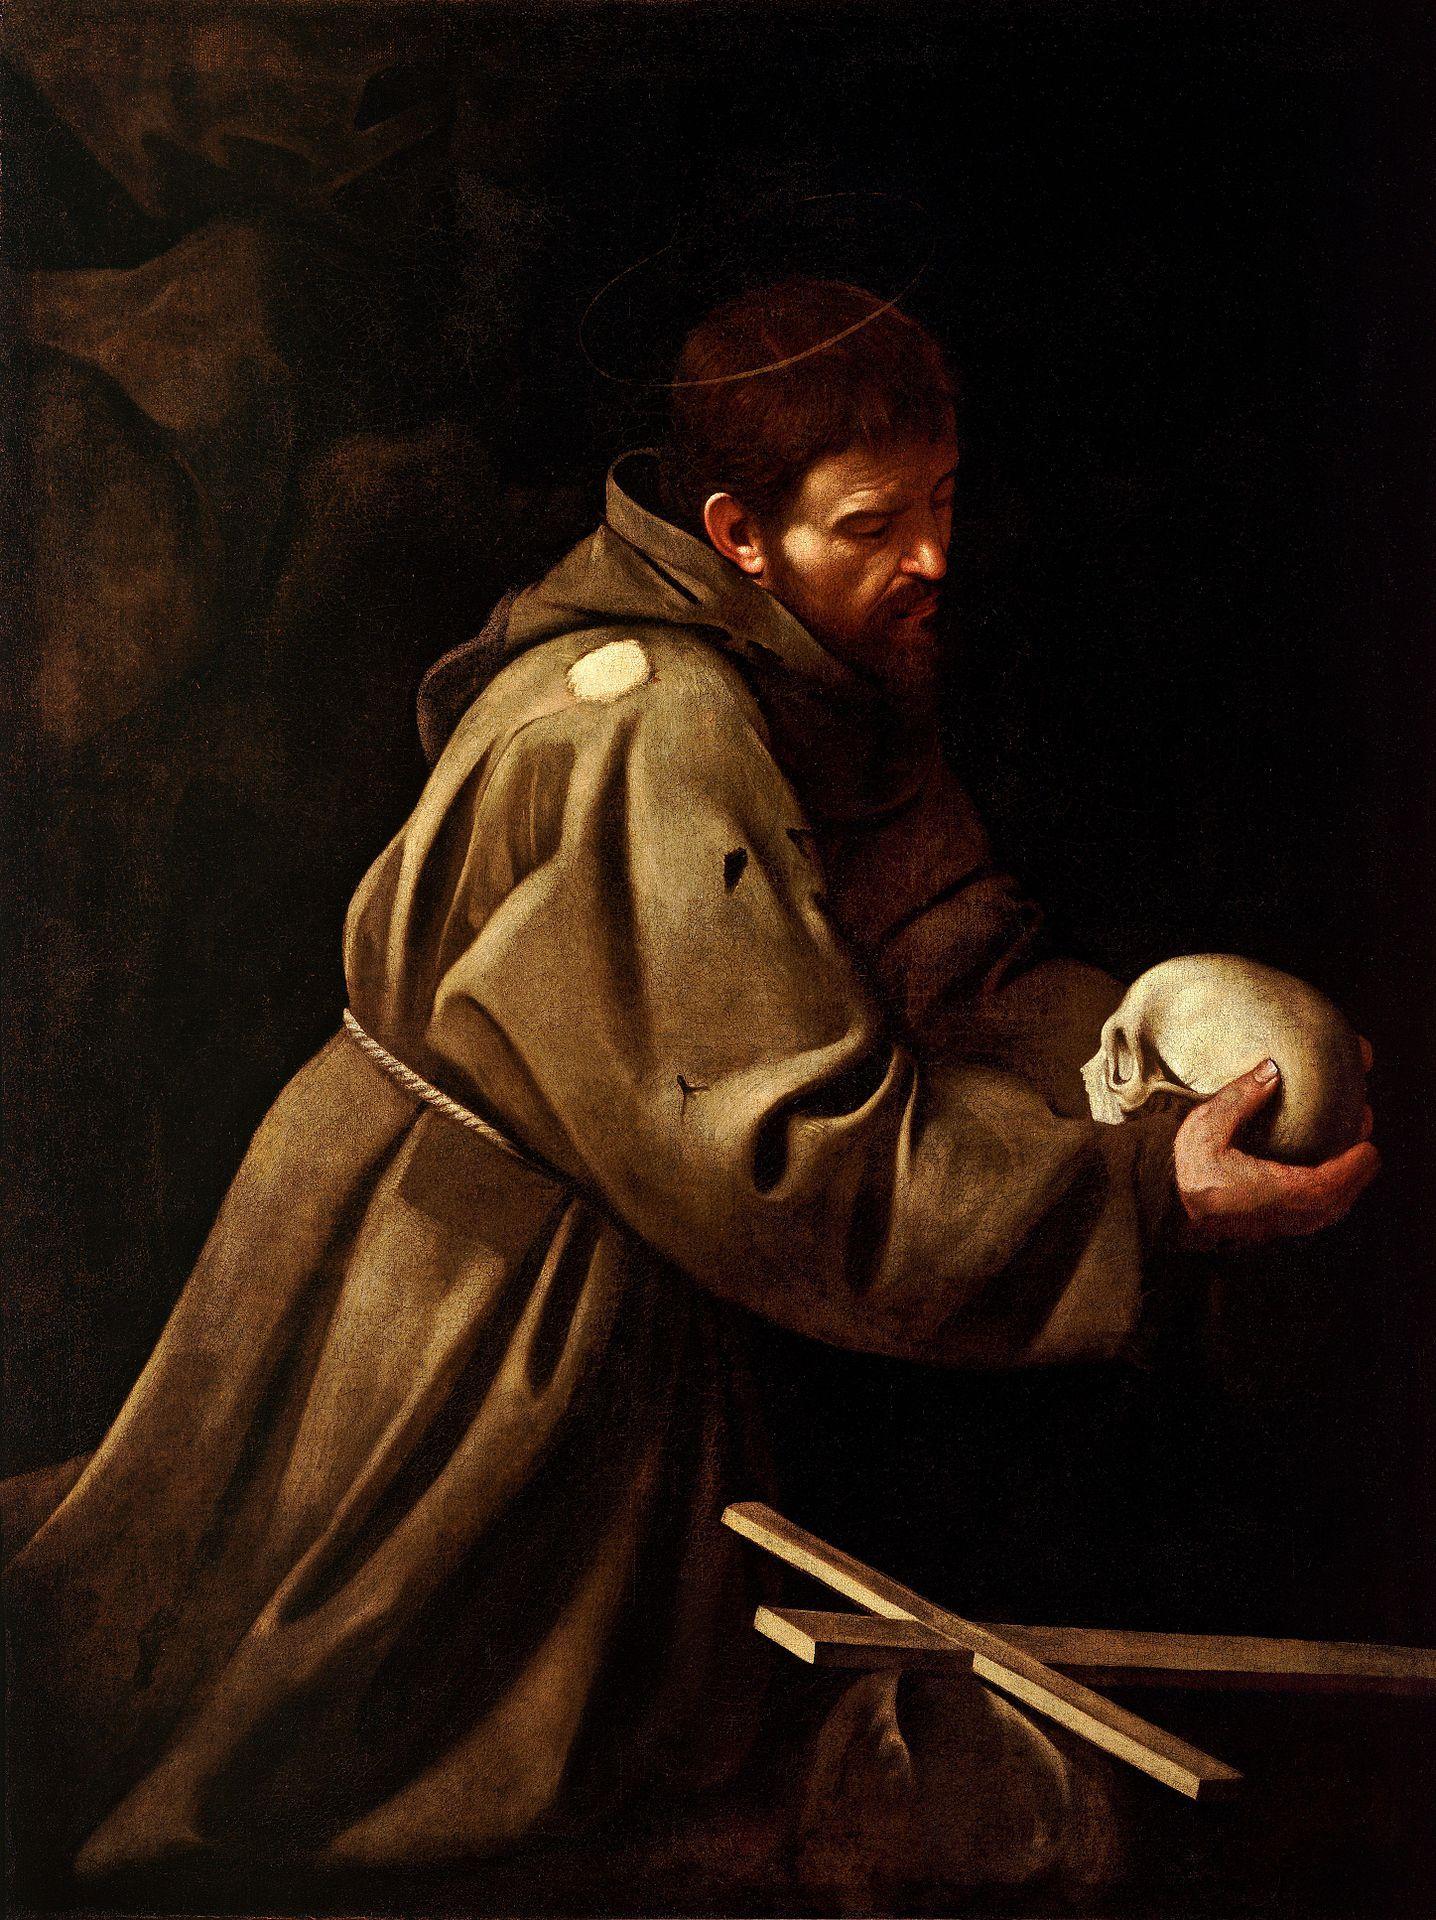 Liste De Peintures Du Caravage Wikipedia Caravage Peinture Baroque Saint Francois